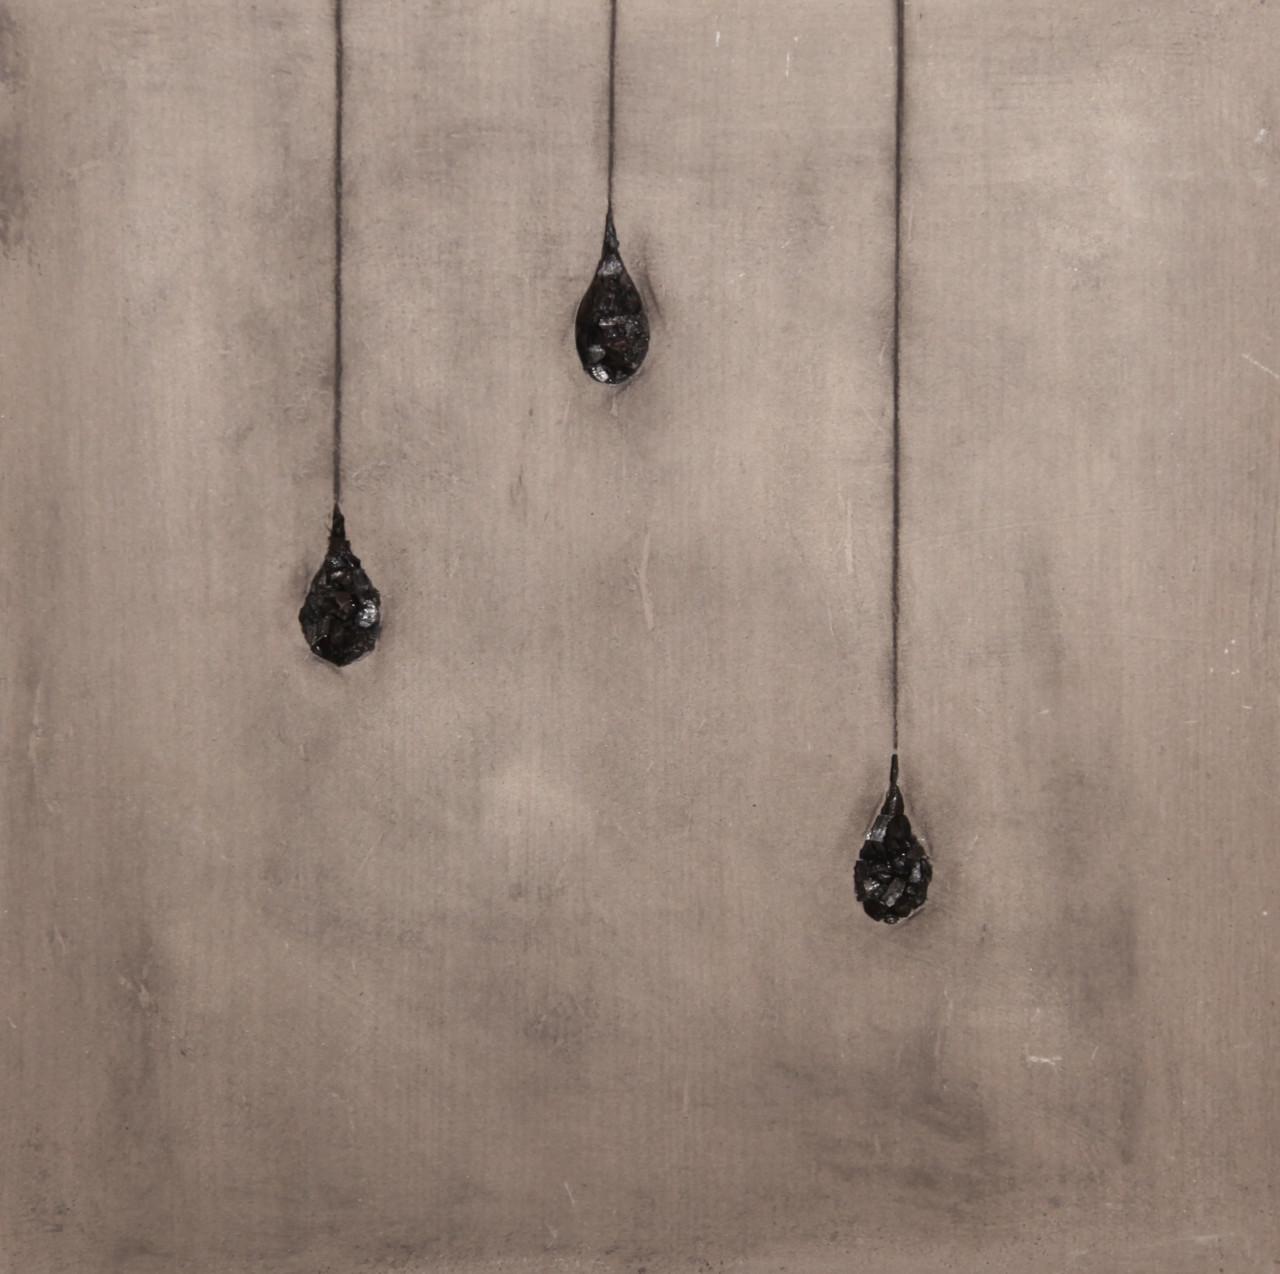 Piovono lacrime, 2016, cenere e carbone su tavola, 60x60